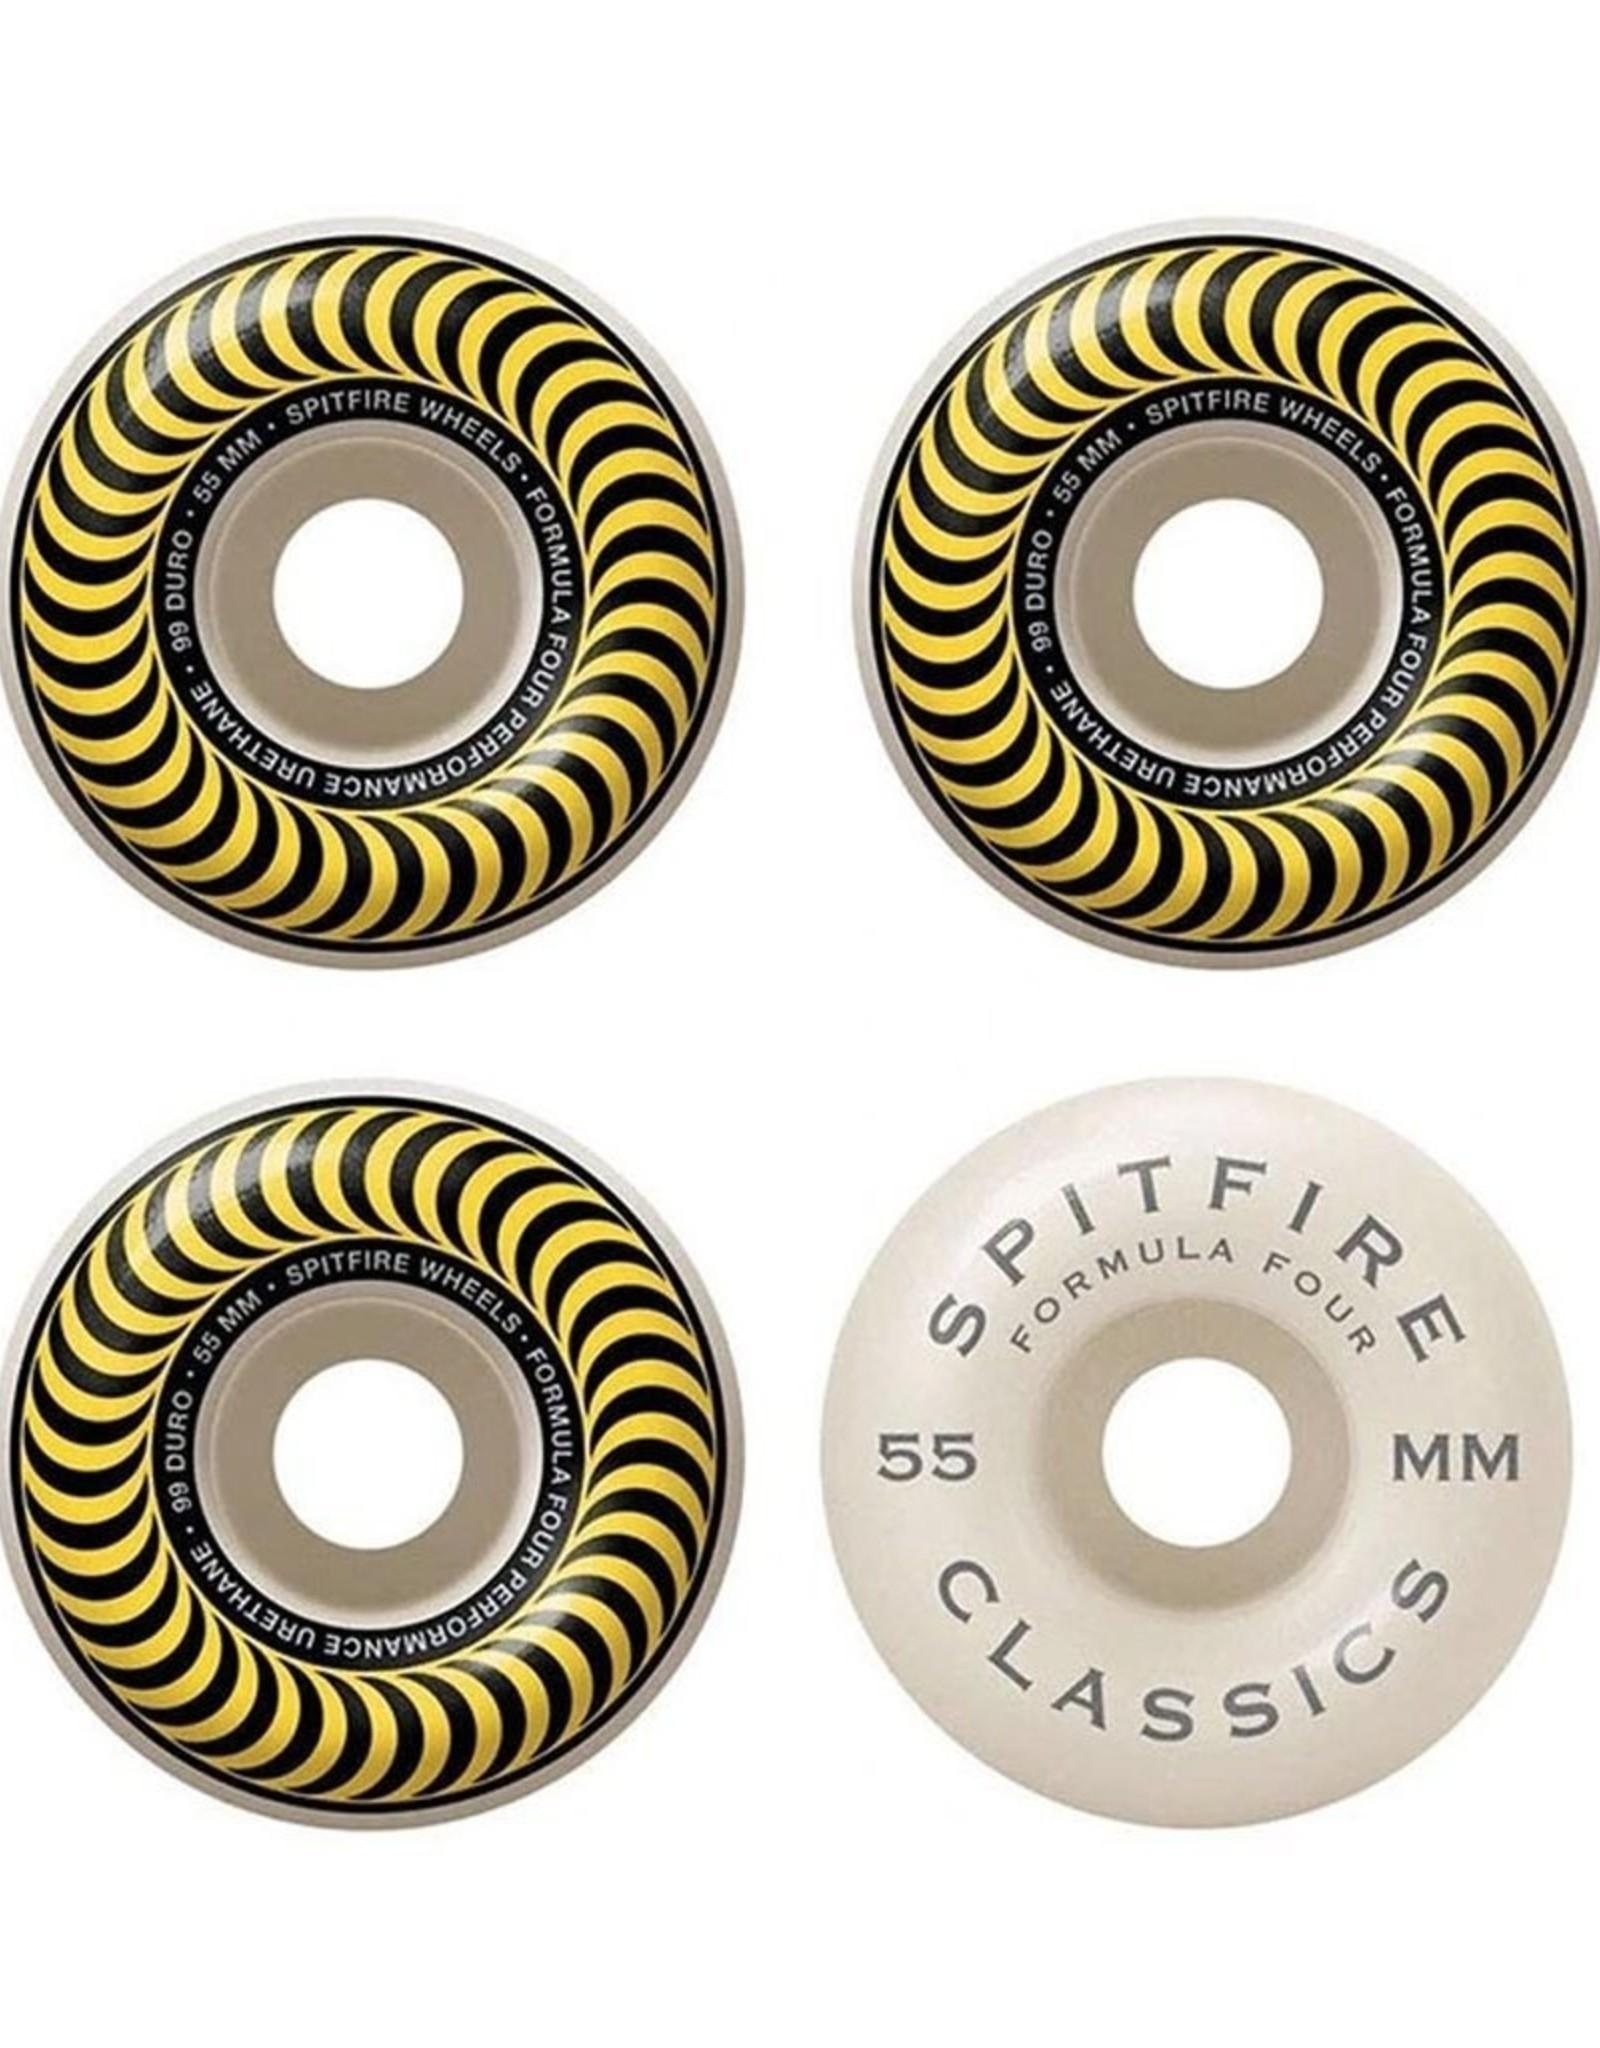 Spitfire Spitfire F4 99 CLASSICS 55